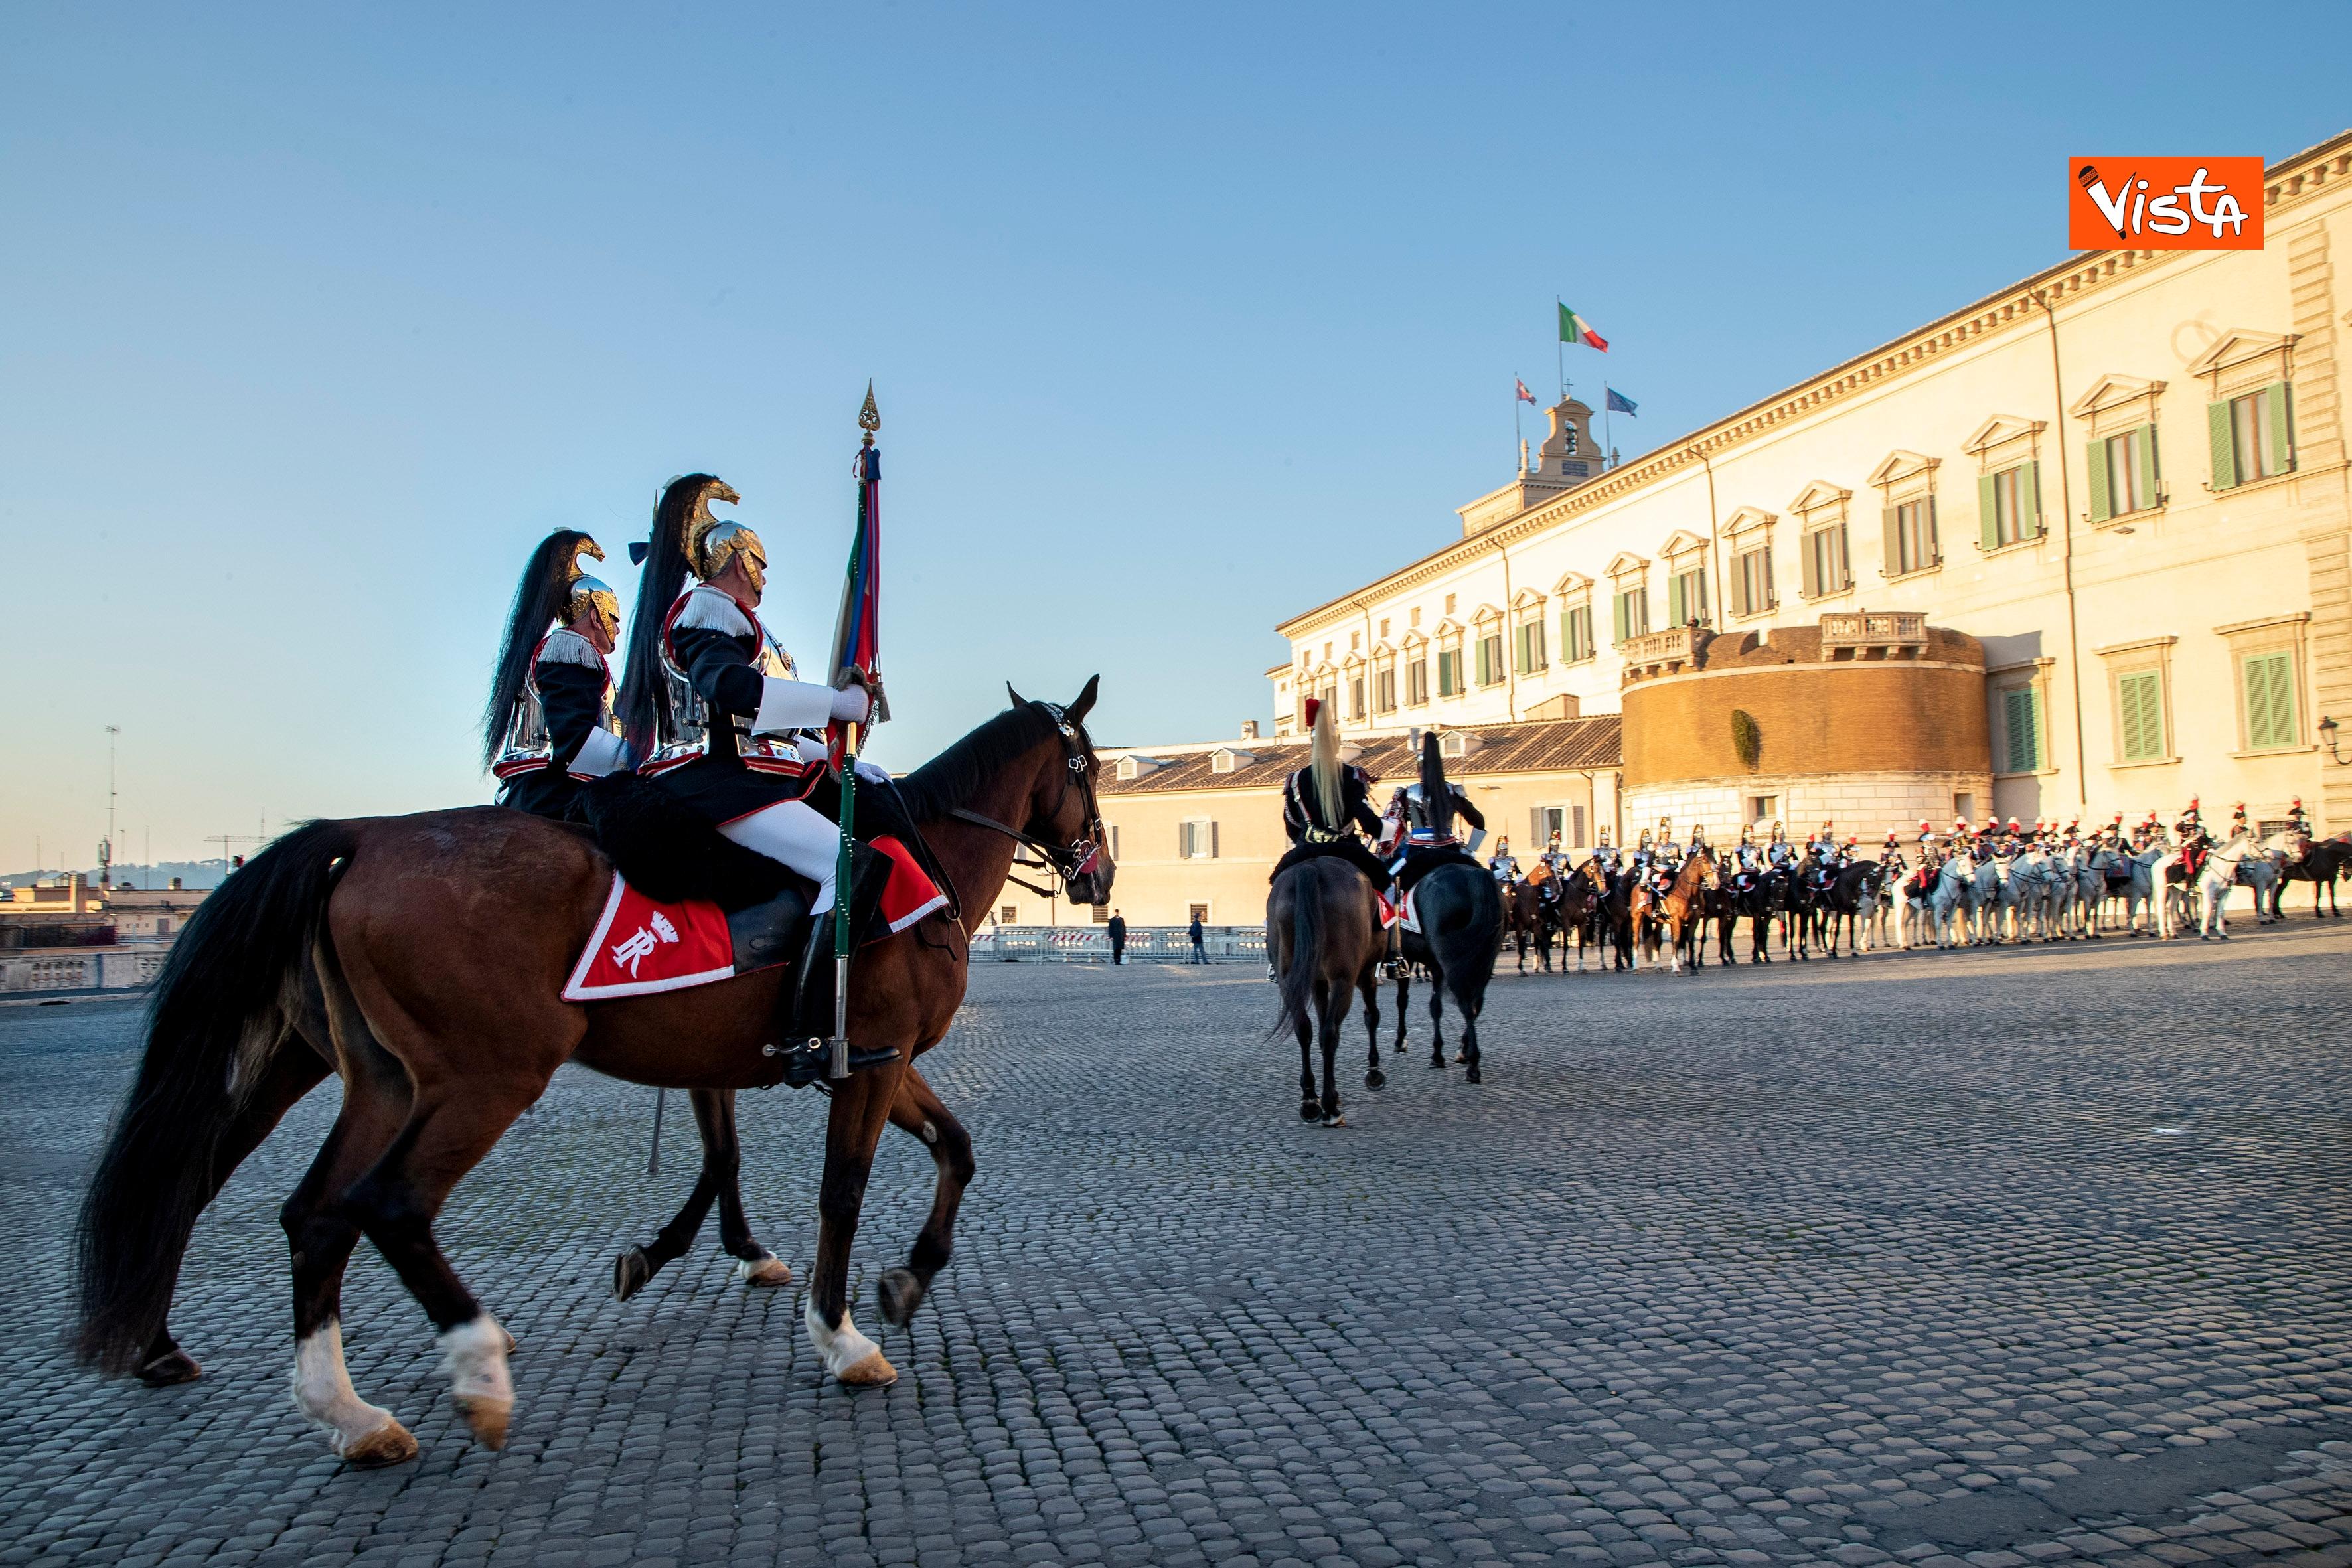 07-01-19 Festa Tricolore il cambio della guardia solenne al Quirinale_05